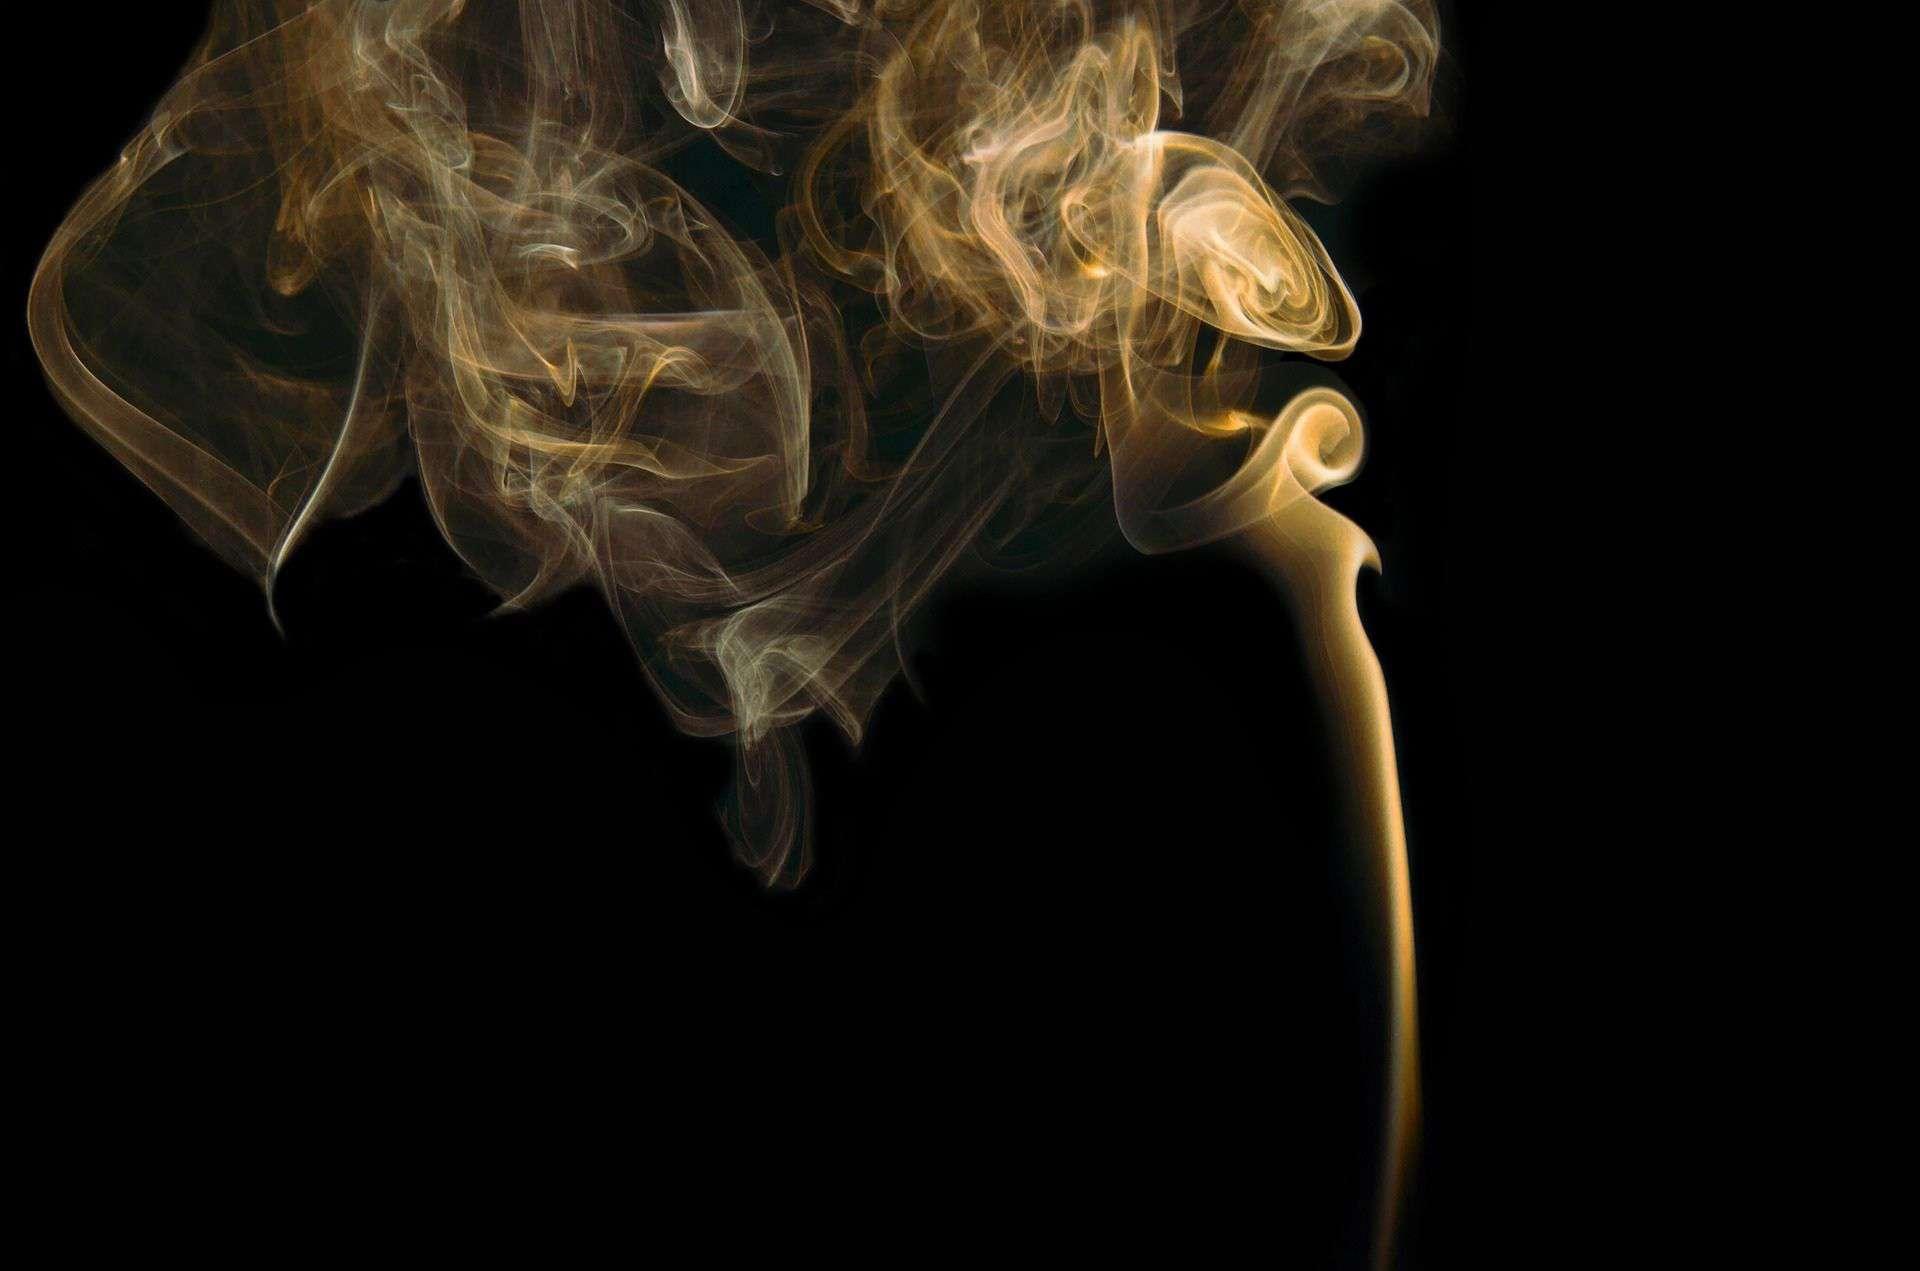 Si deseas conocer la respuesta a como saber si una persona fuma porros debes prestar atención a su conducta y a las posibles señales de adicción.